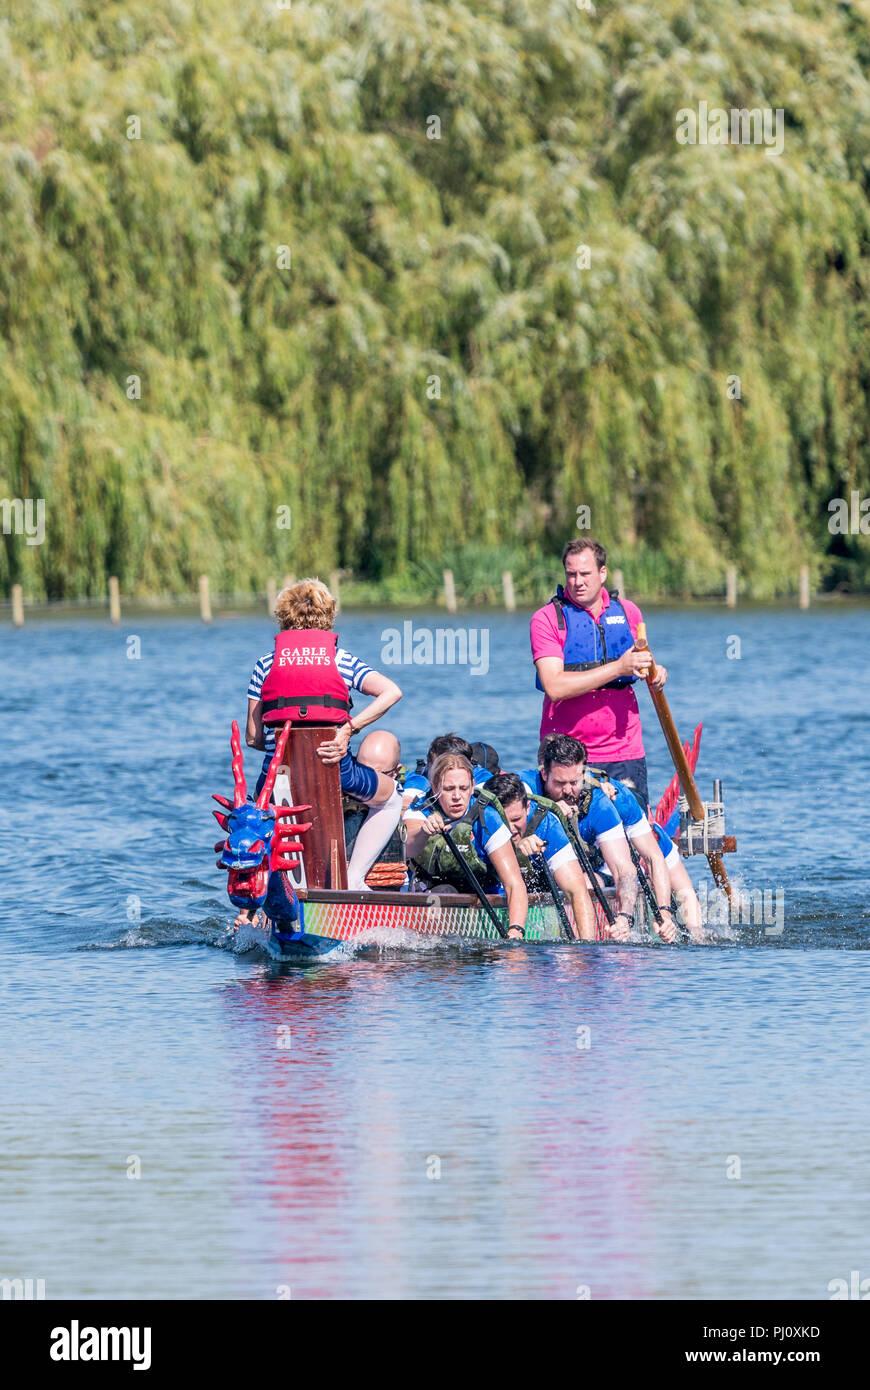 Appassionato di equipaggio alla gara di dragon boat organizzata da East Northants rotary club a Wicksteed Park, Kettering il 2 settembre 2018. Immagini Stock